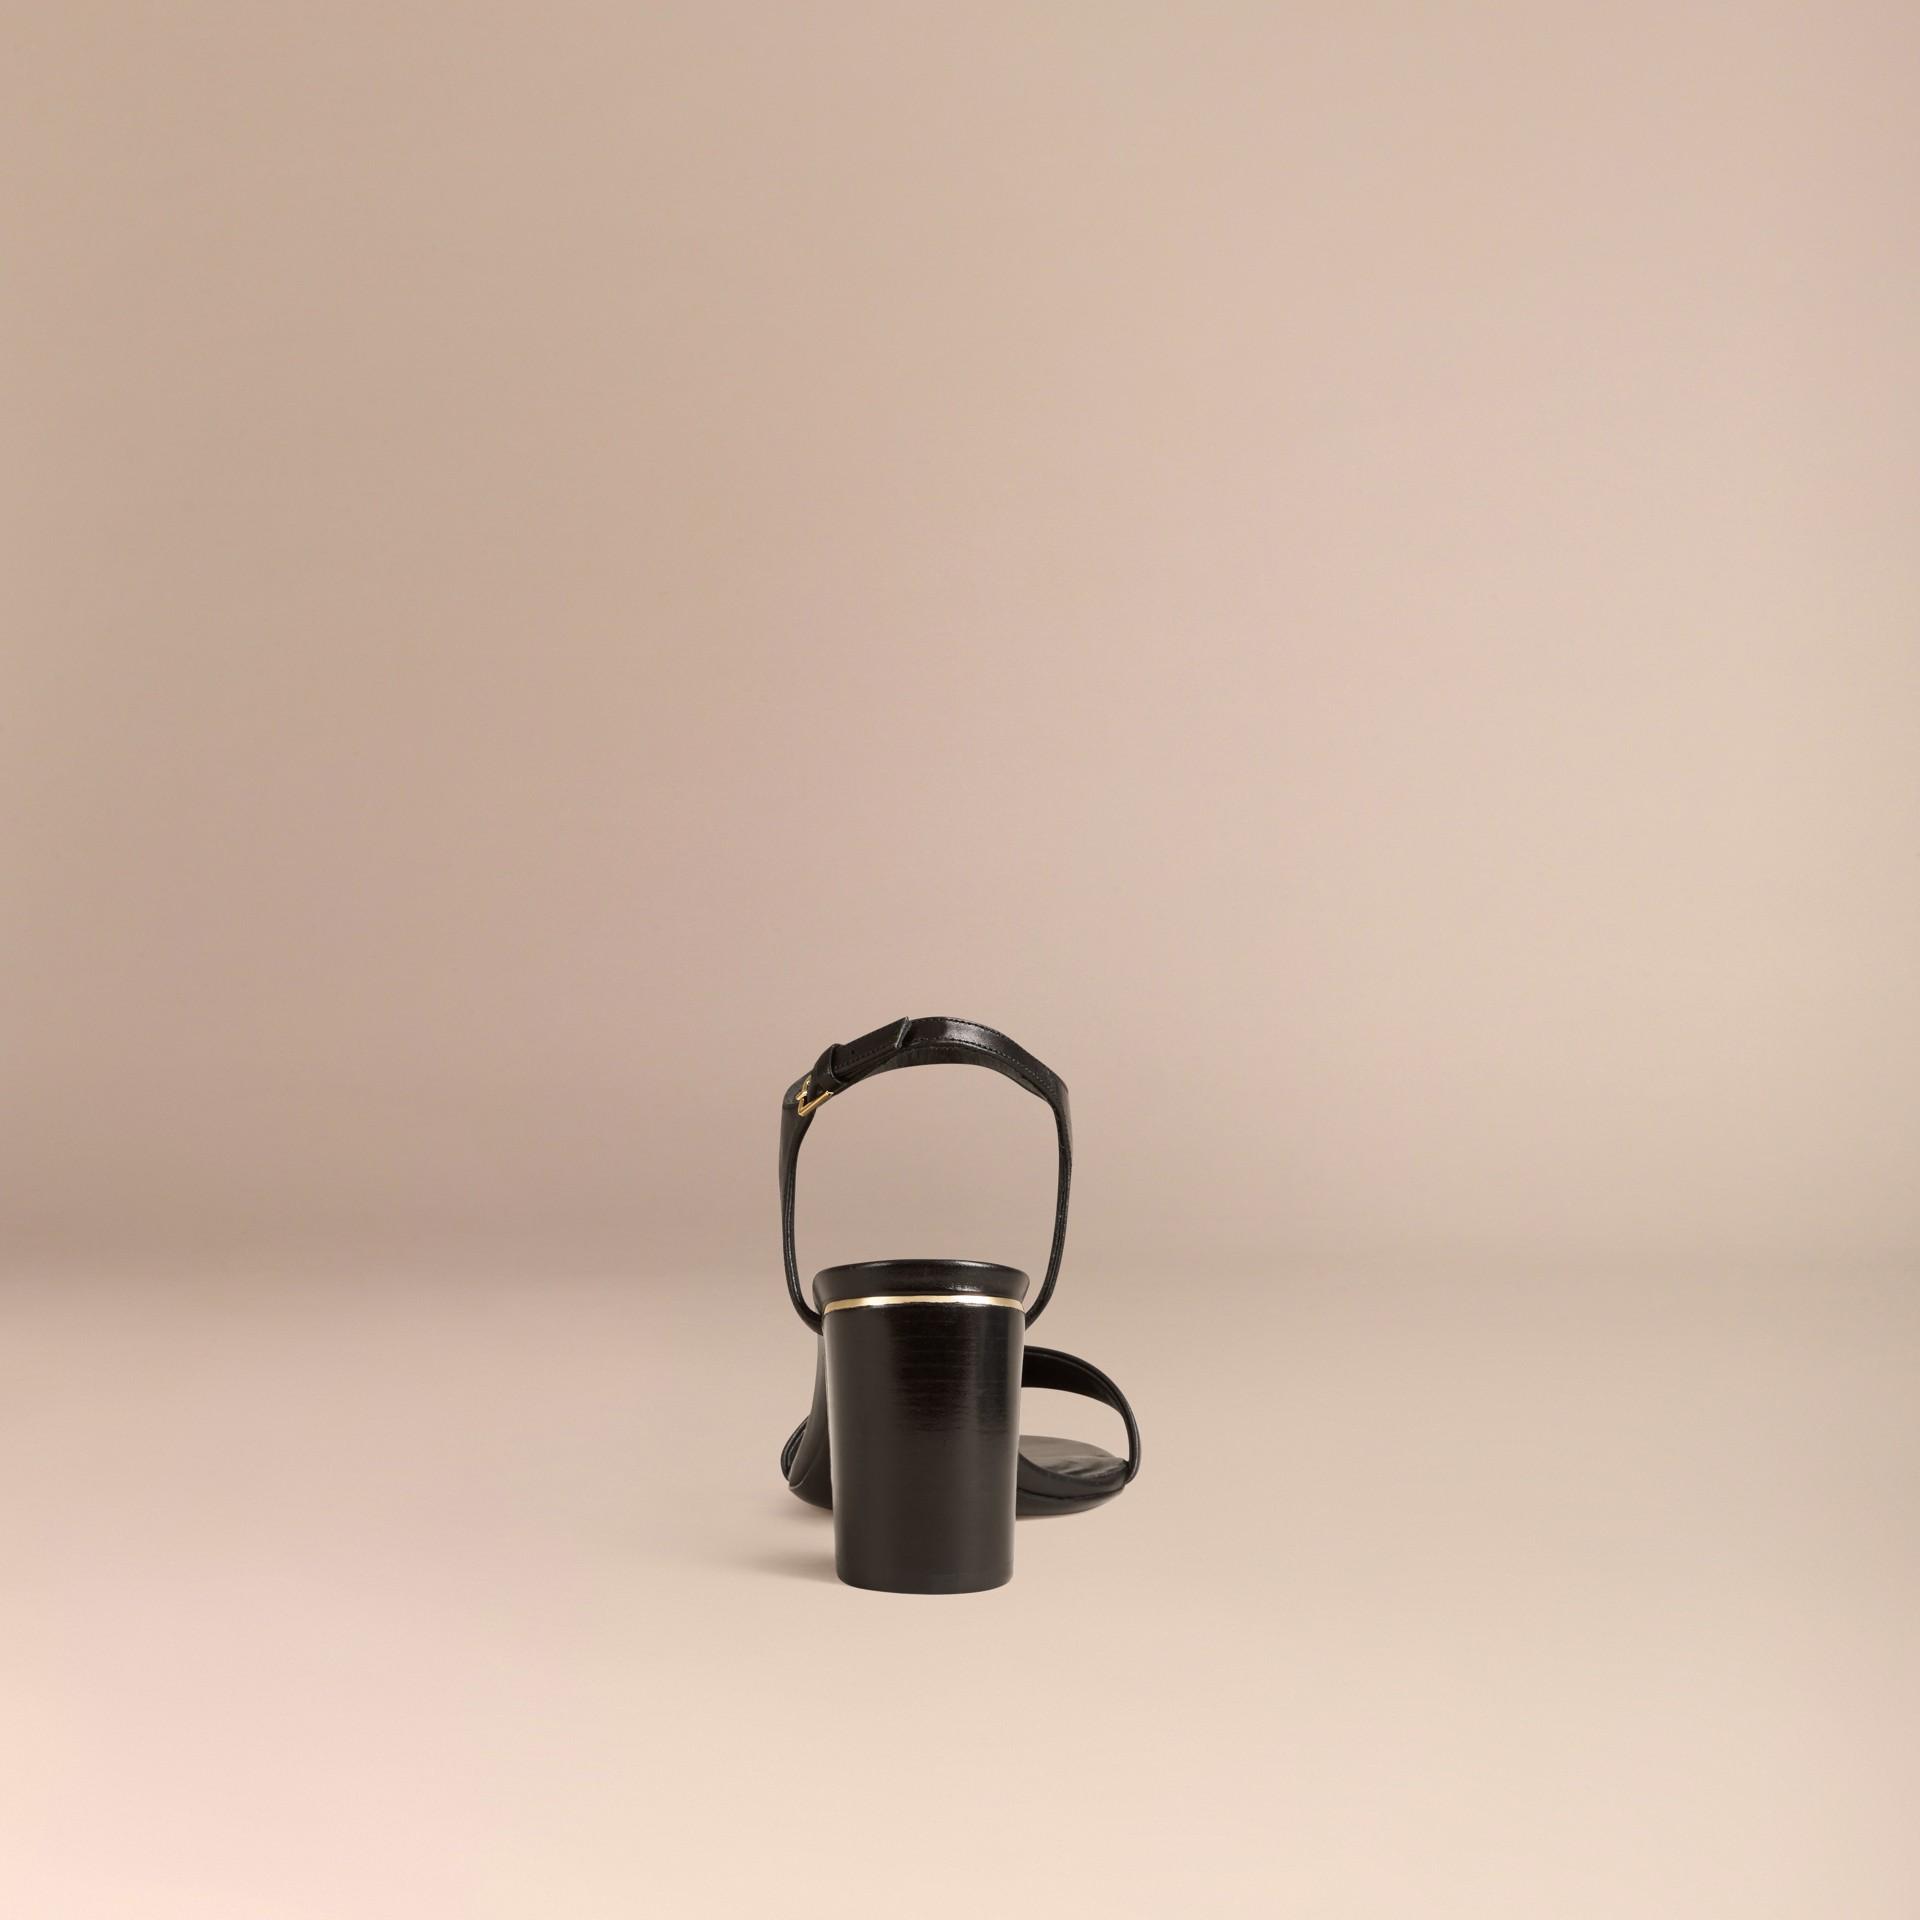 ブラック チェックディテール・レザー・サンダル - ギャラリーイメージ 4